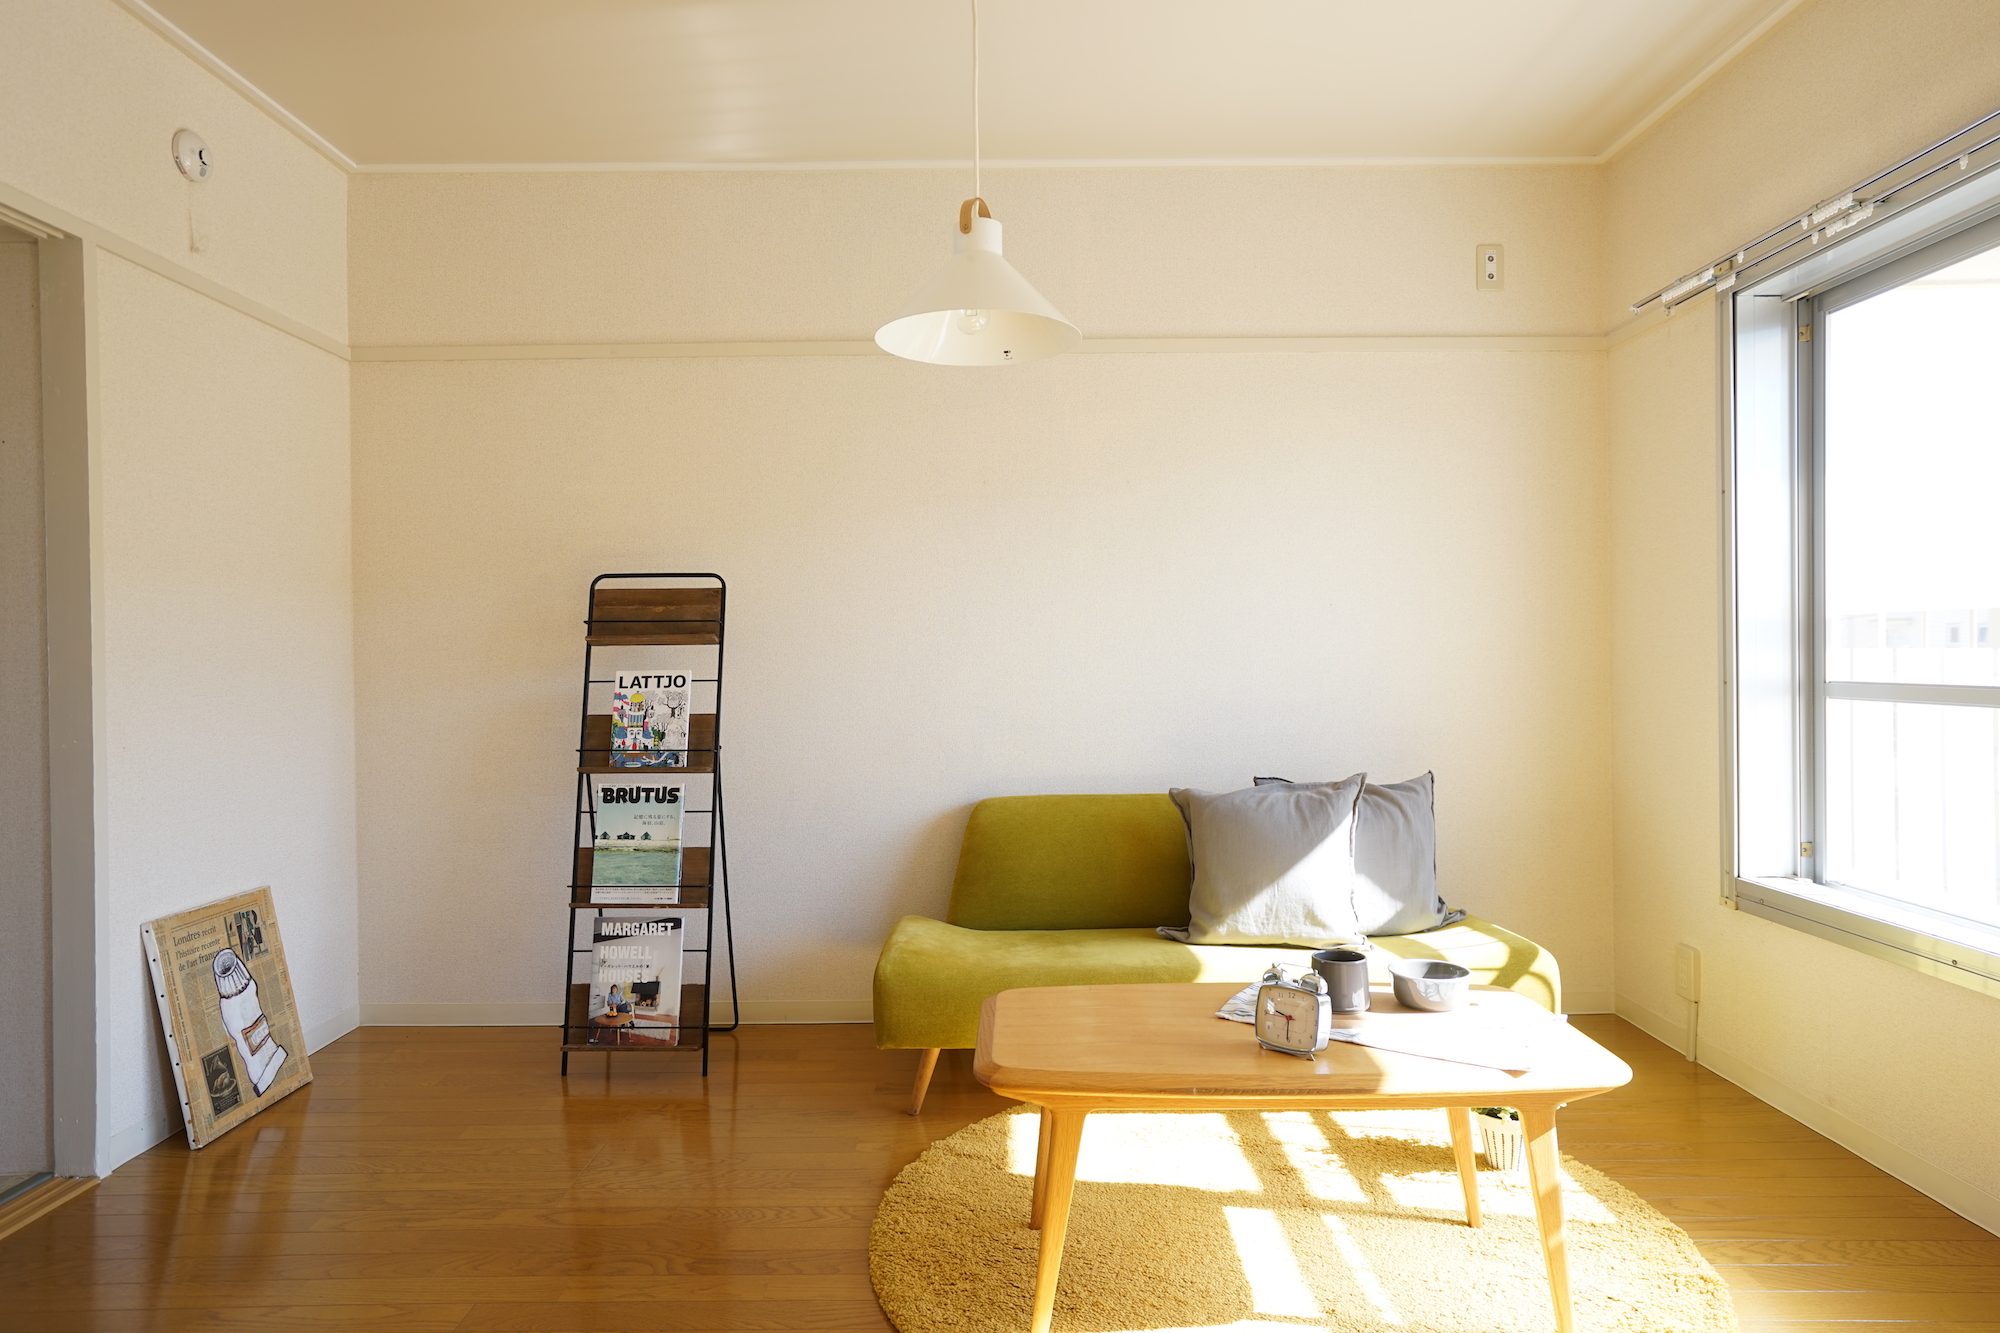 一人暮らしでも、ソファを置いたゆったりリビングのある暮らしがしたい!という方。